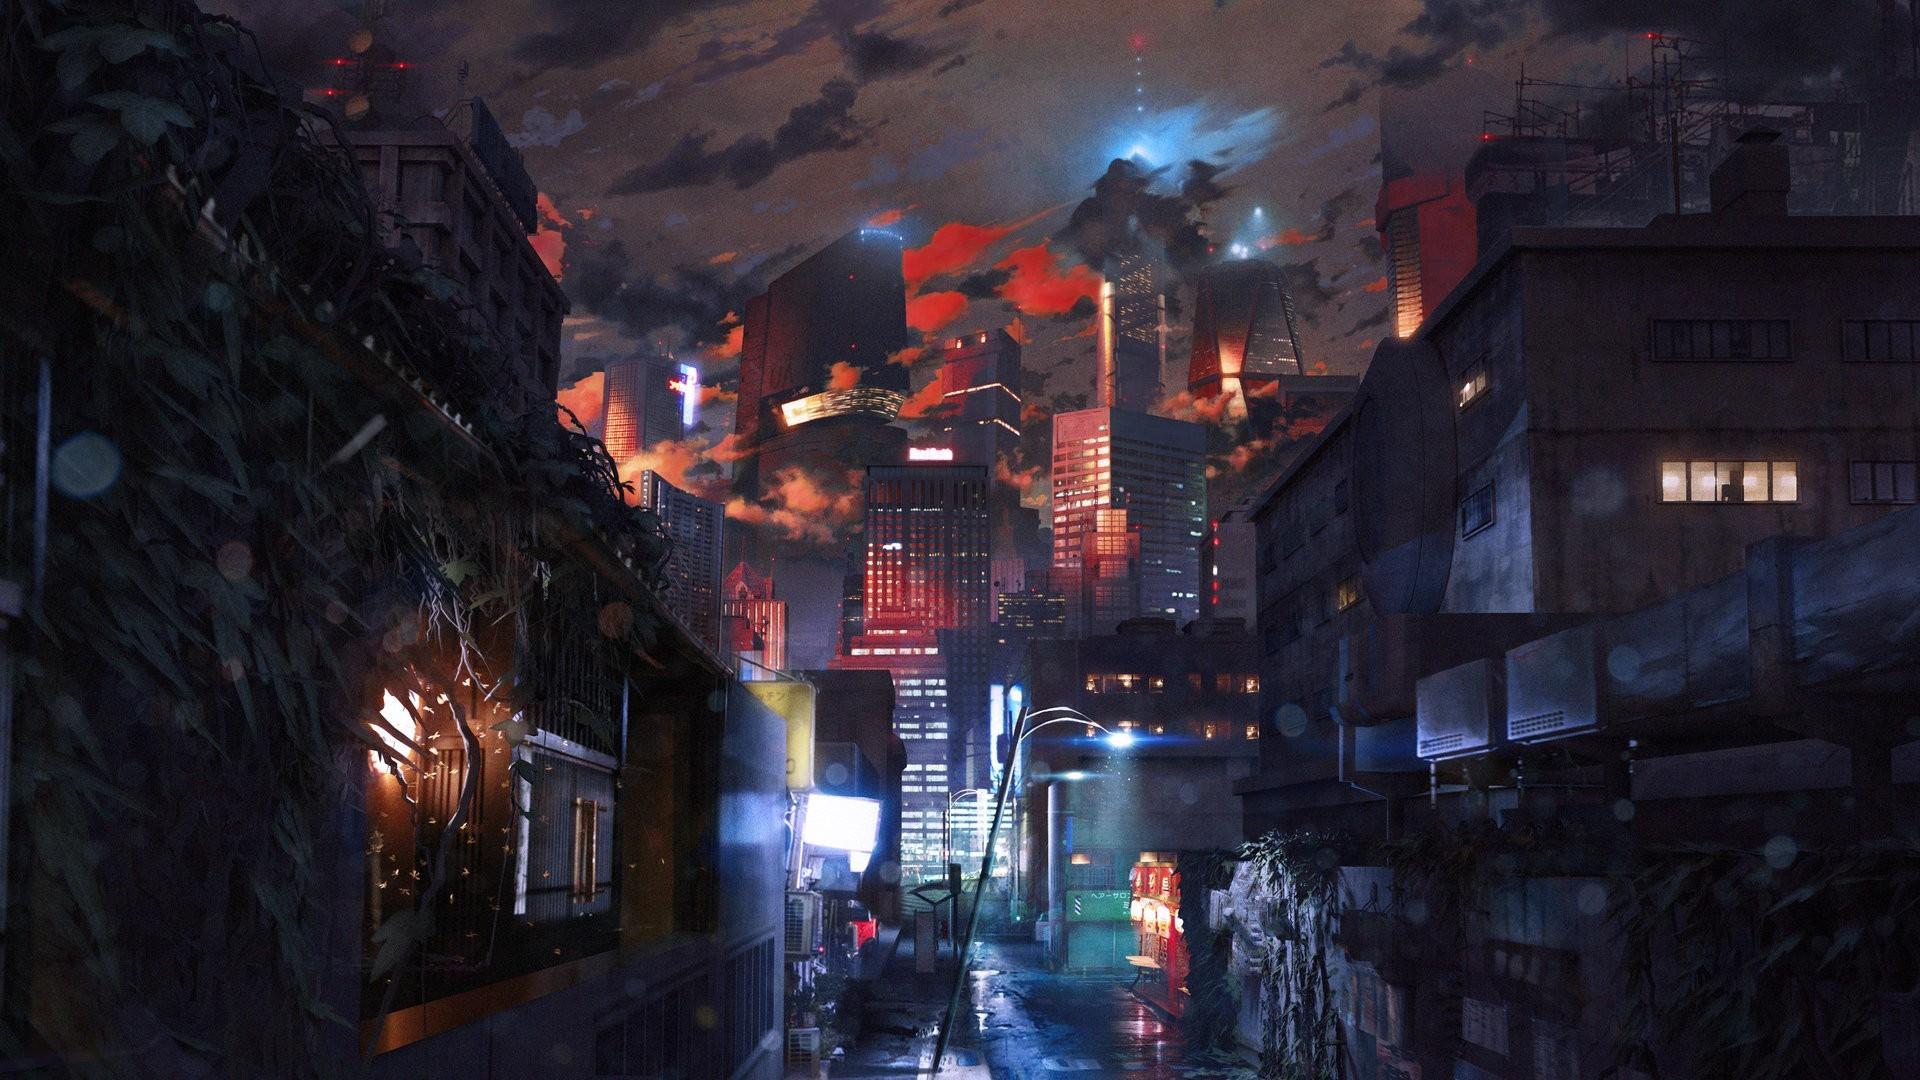 Cyberpunk 2077 City Wallpaper: Cyberpunk Wallpapers (87+ Images